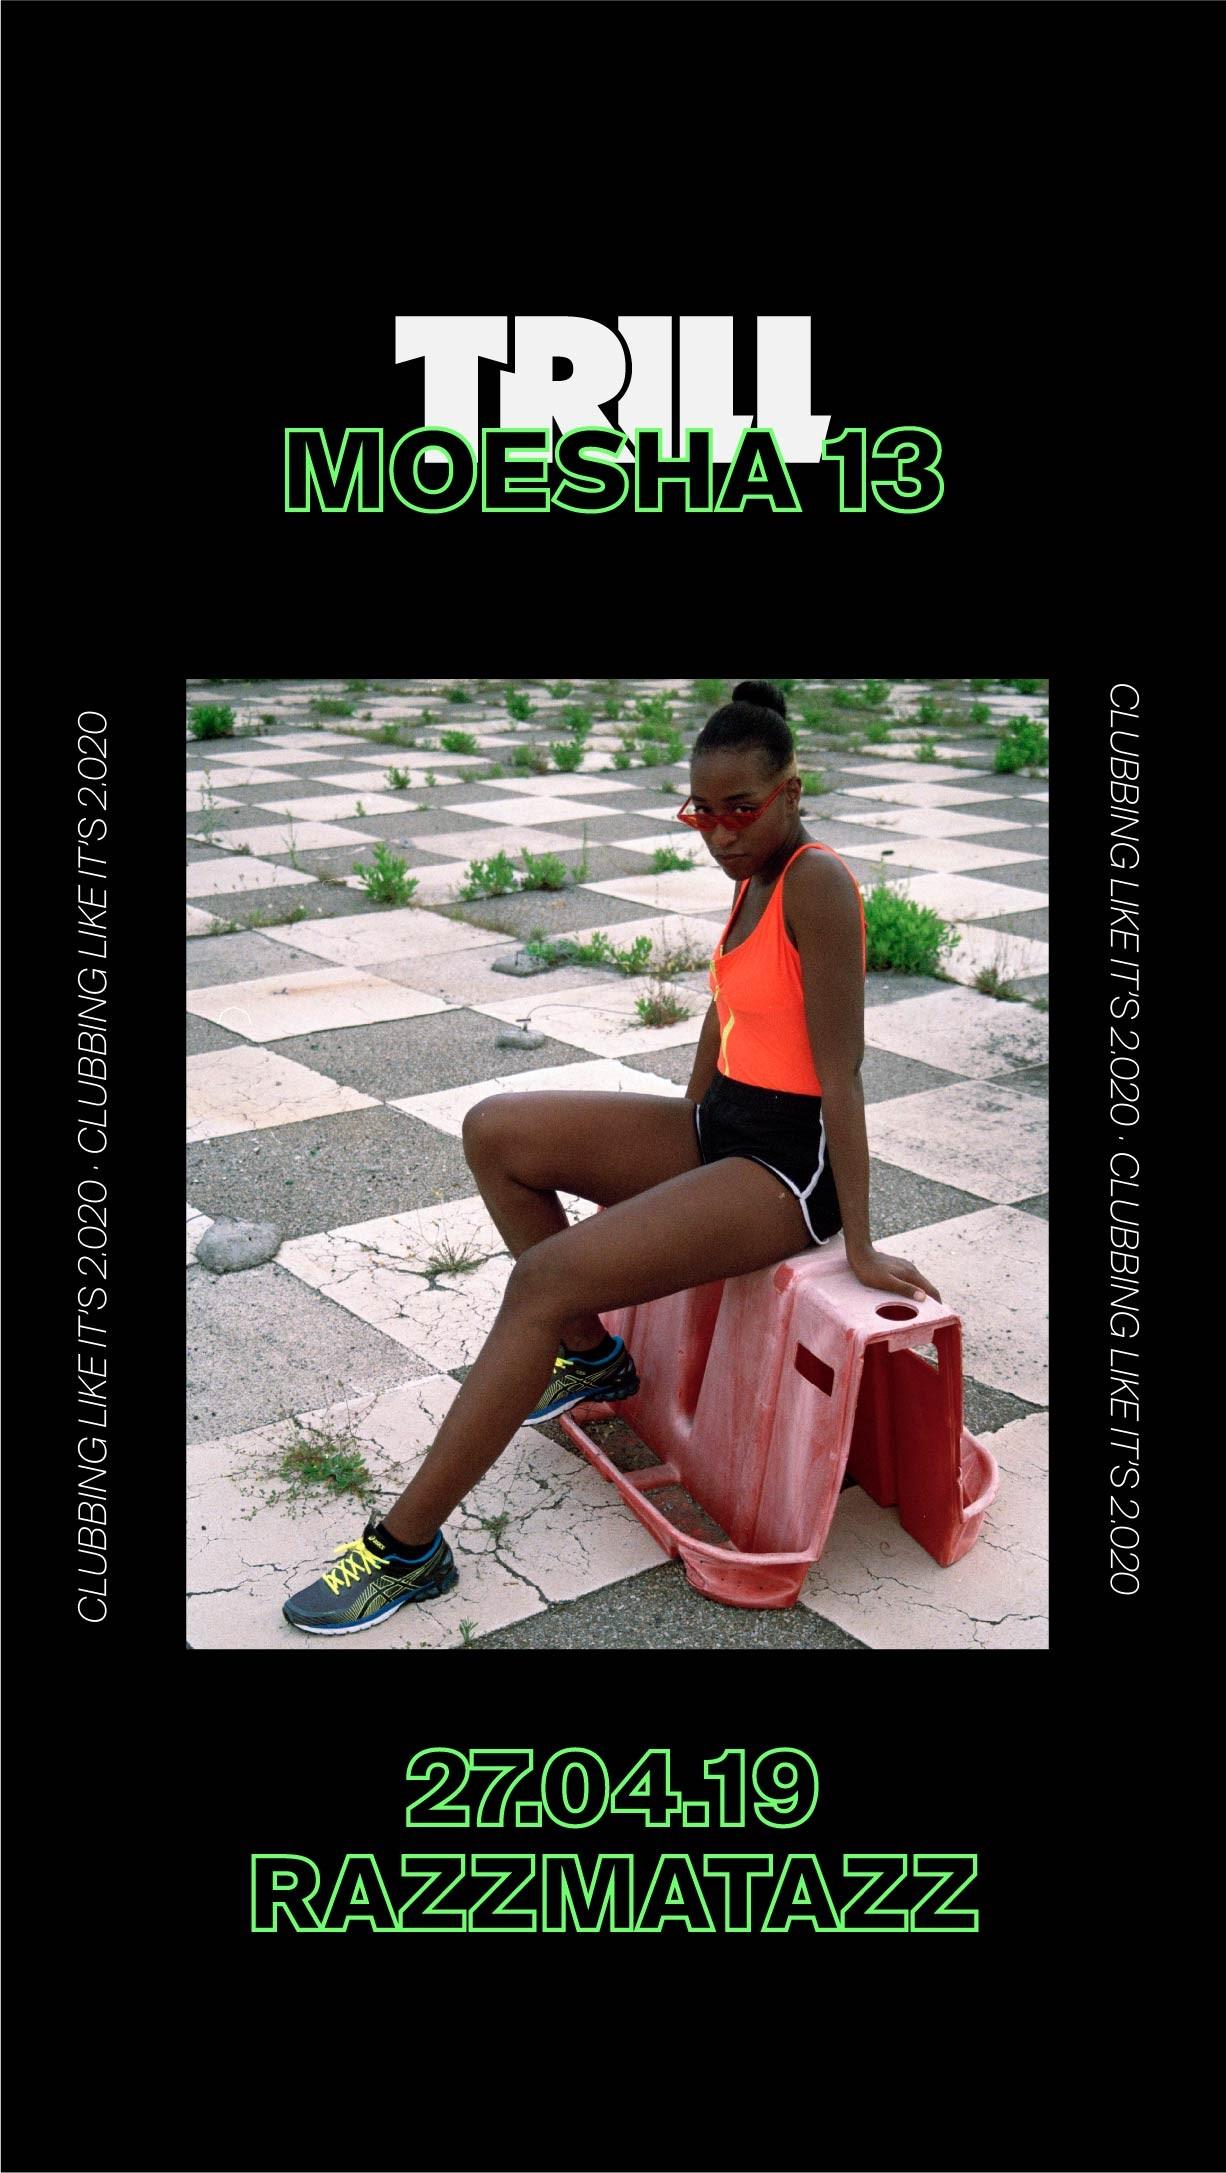 MusicMap showcase: Moesha 13 + MBODJ + MusicMap djs in Trill